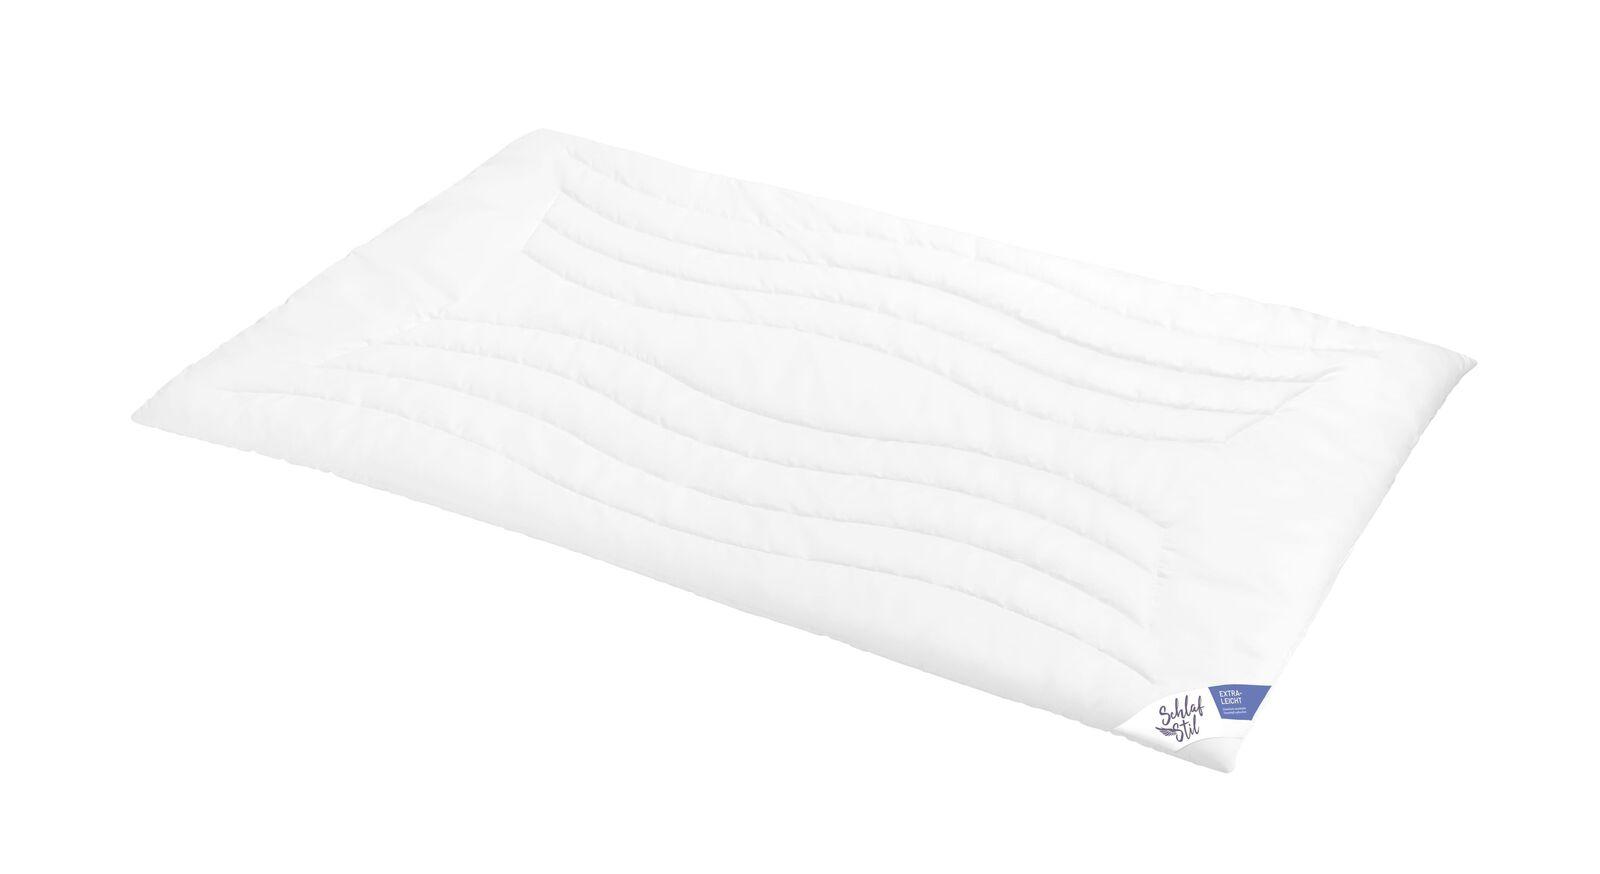 SCHLAFSTIL Markenfaser-Bettdecke F300 extral leicht ideal für den Sommer